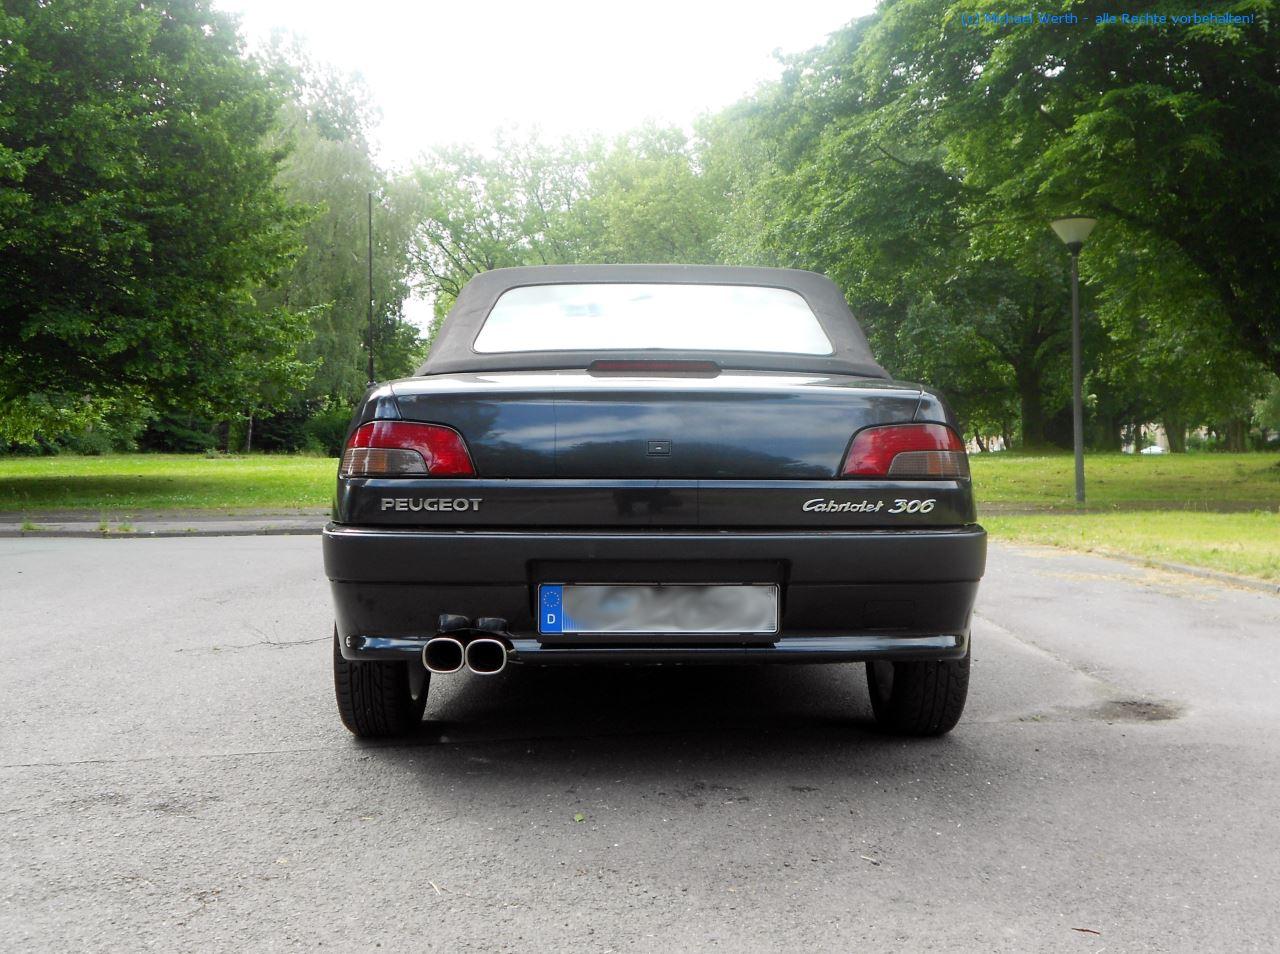 1996er Peugeot 306 Cabriolet #05